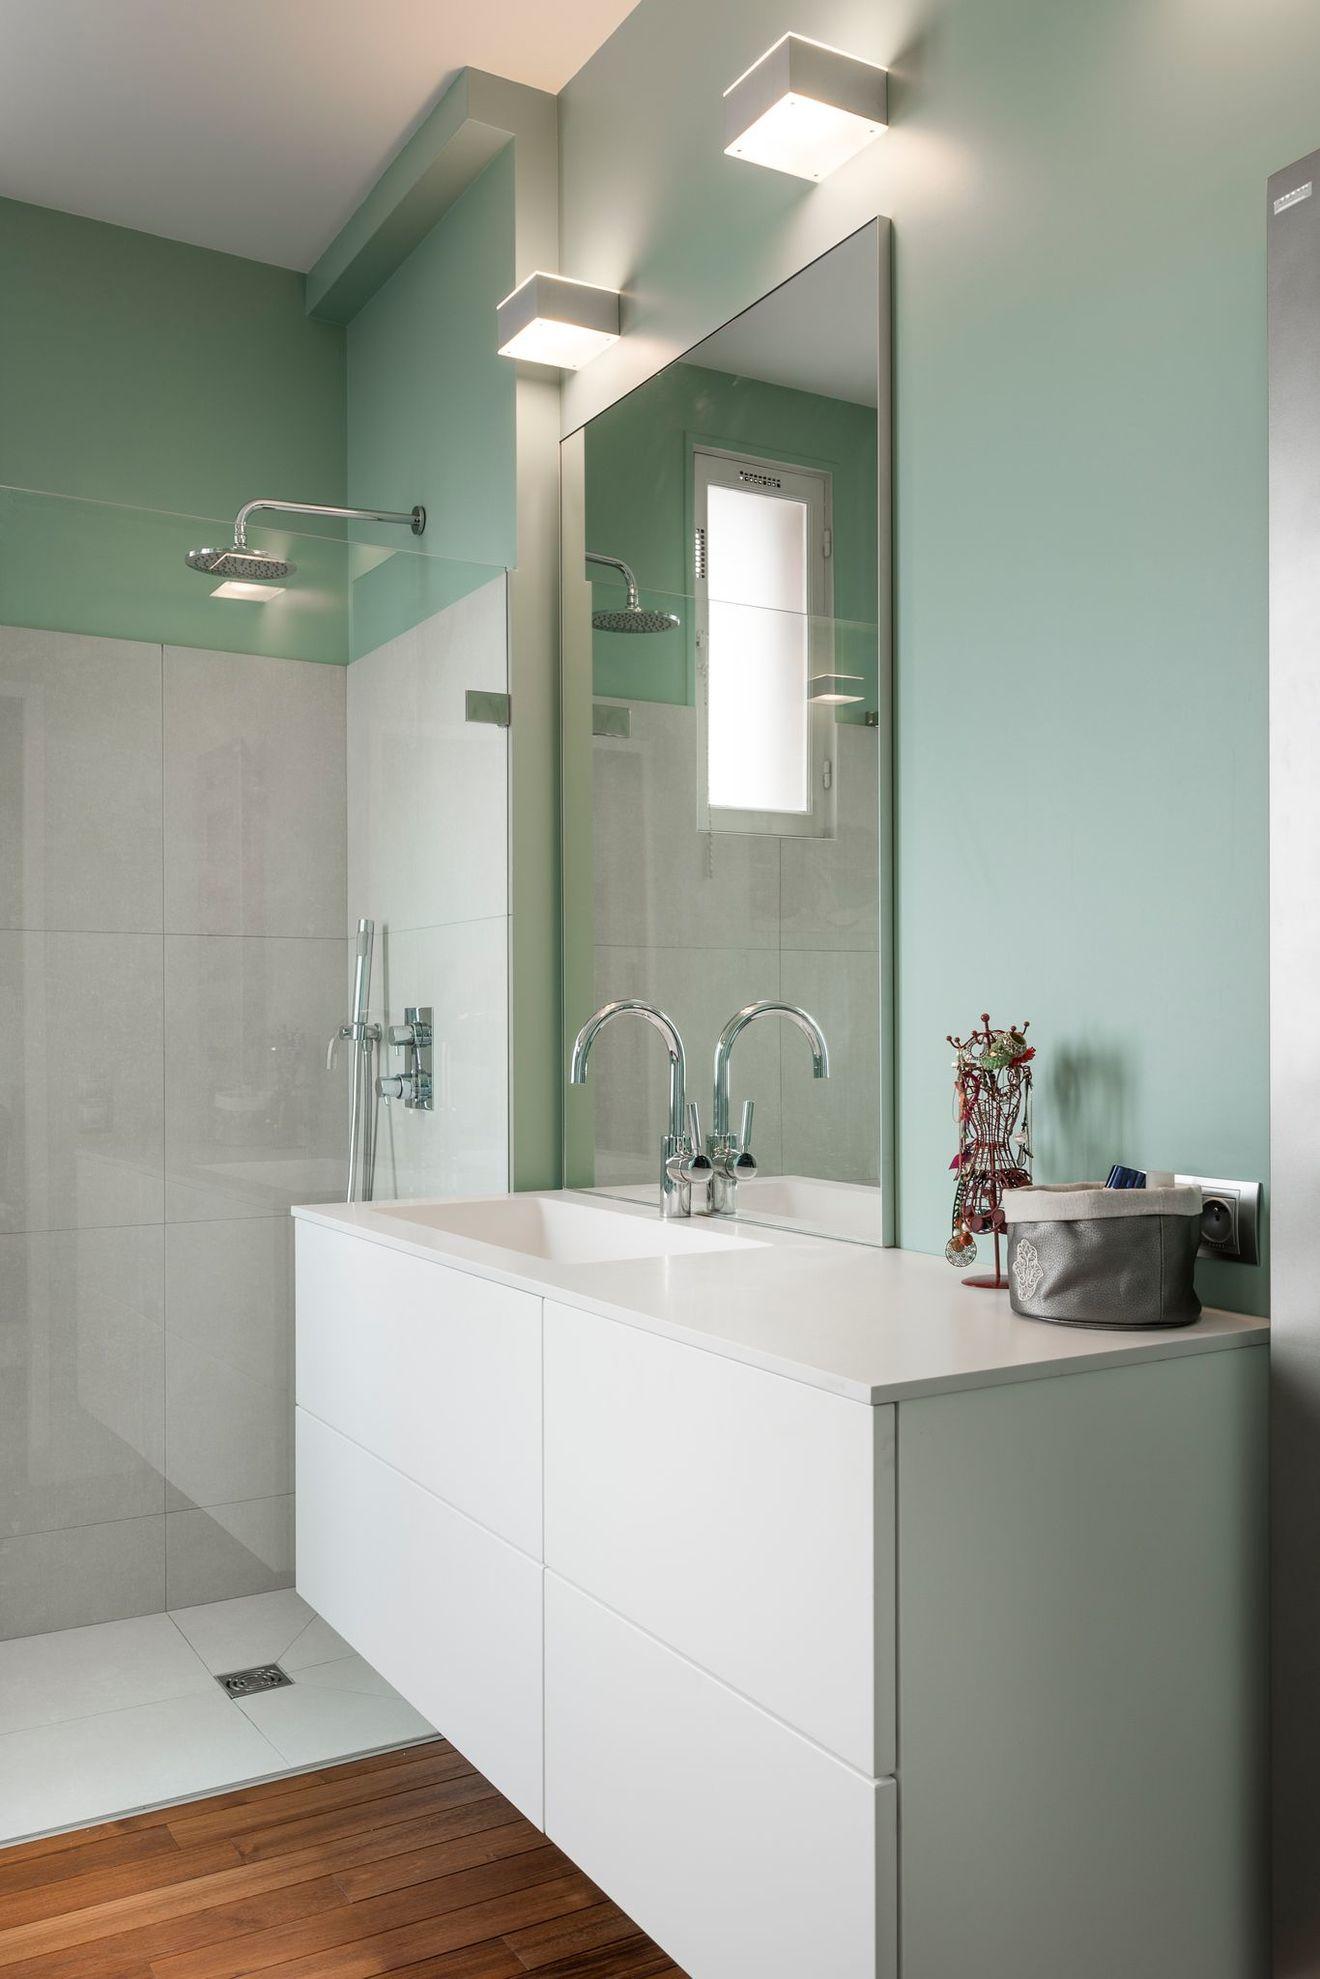 Salle de bain sans fenetre, sombre : solutions pour plus ...